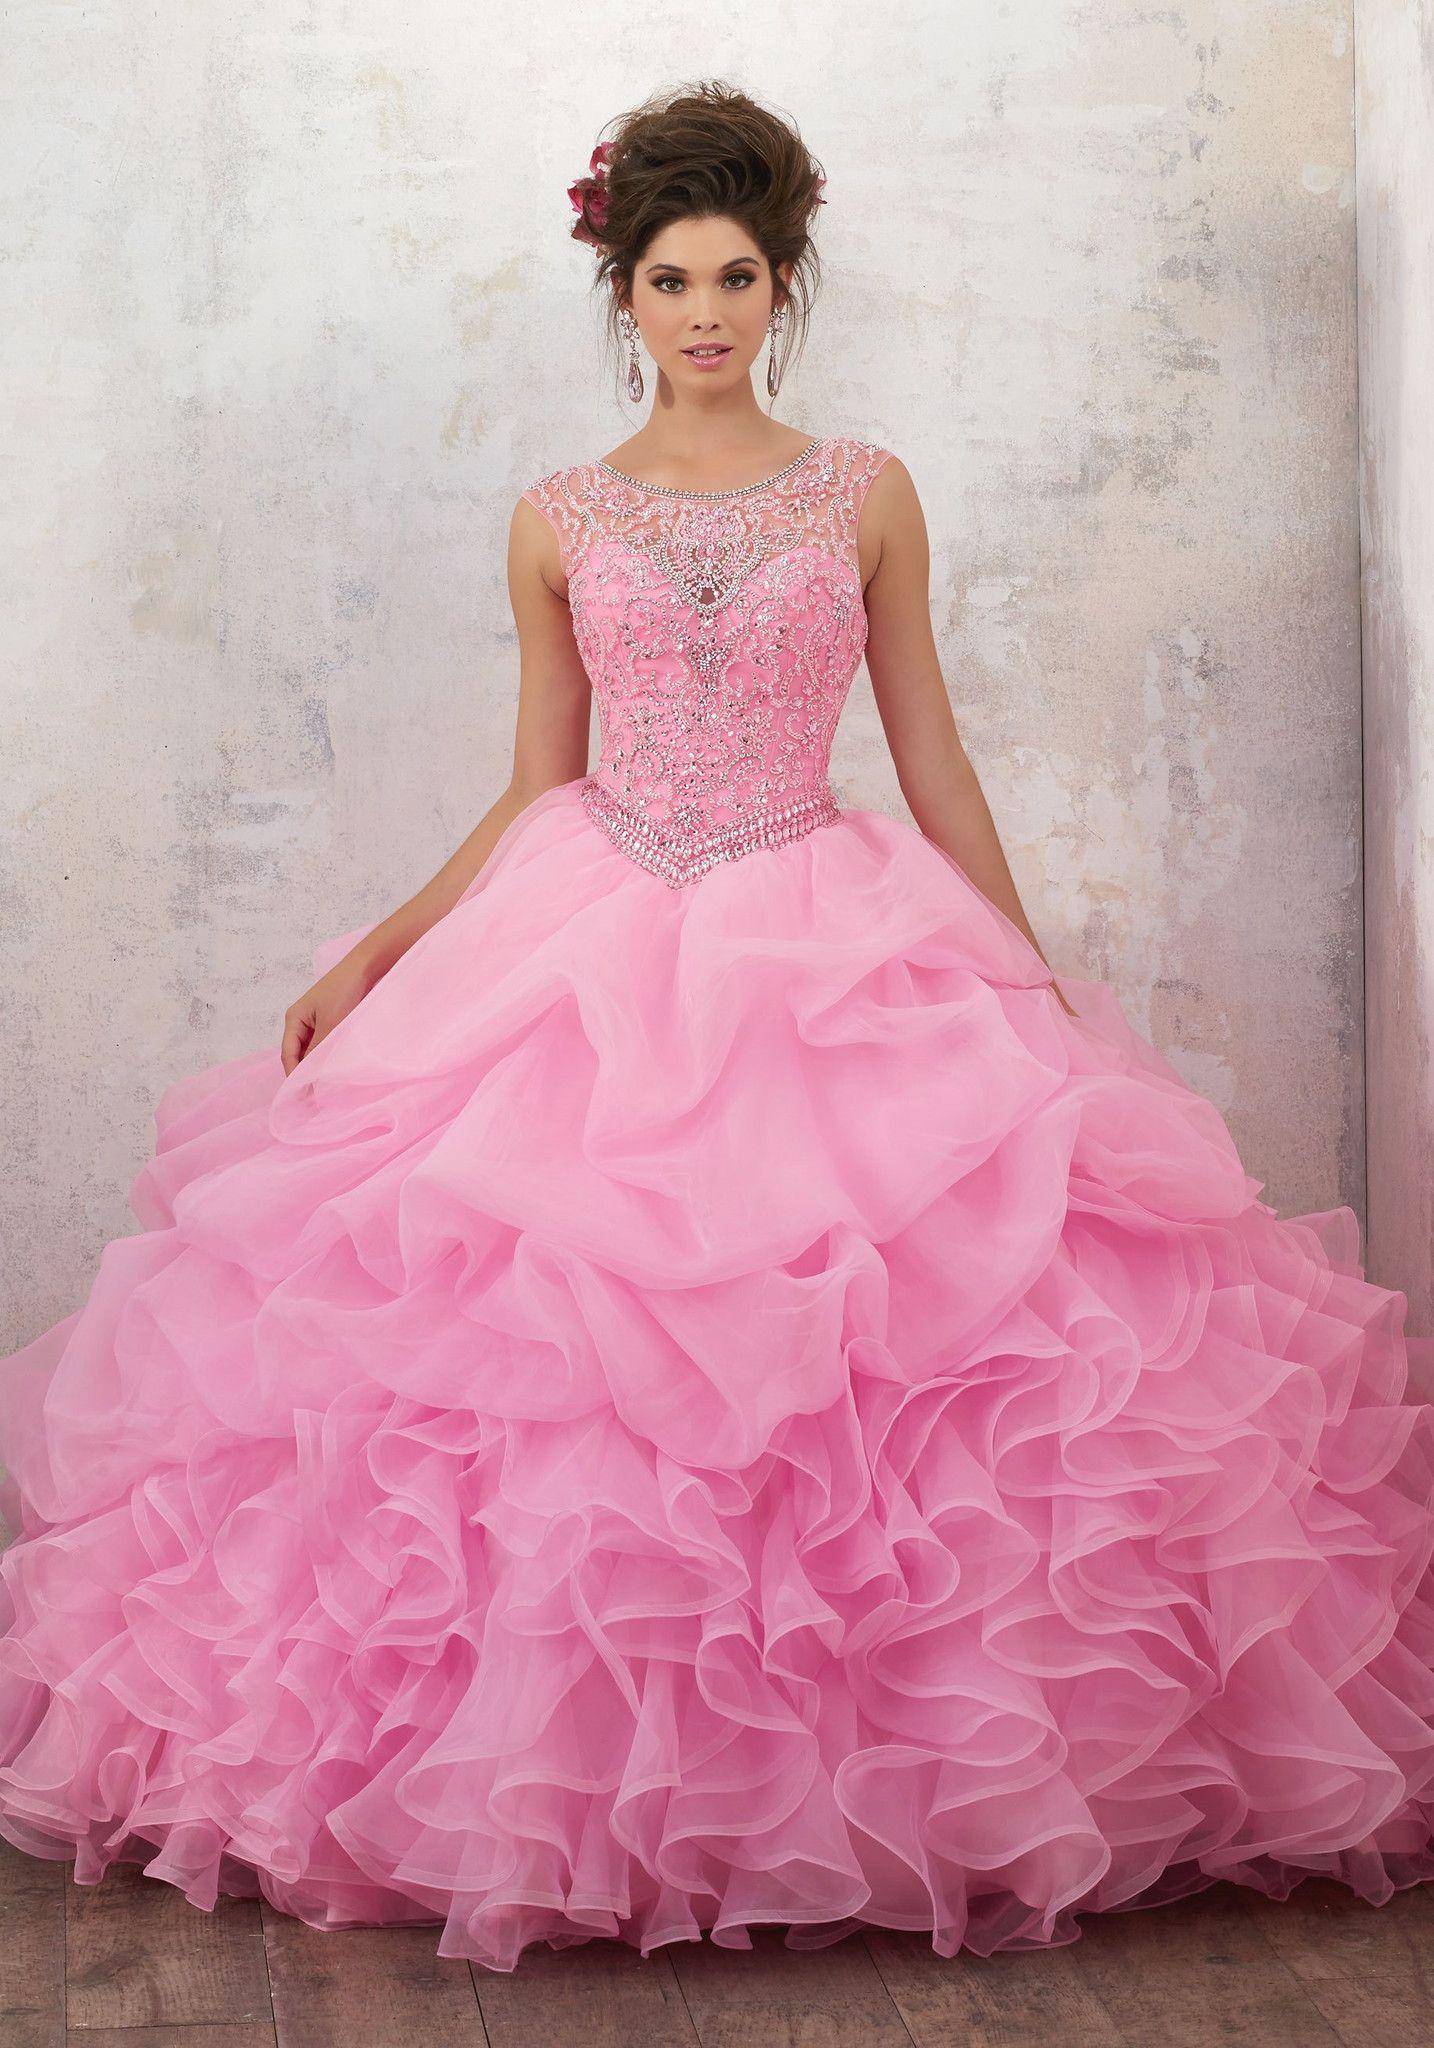 Encantador Vestidos De Novia Windsor Imágenes - Colección de ...